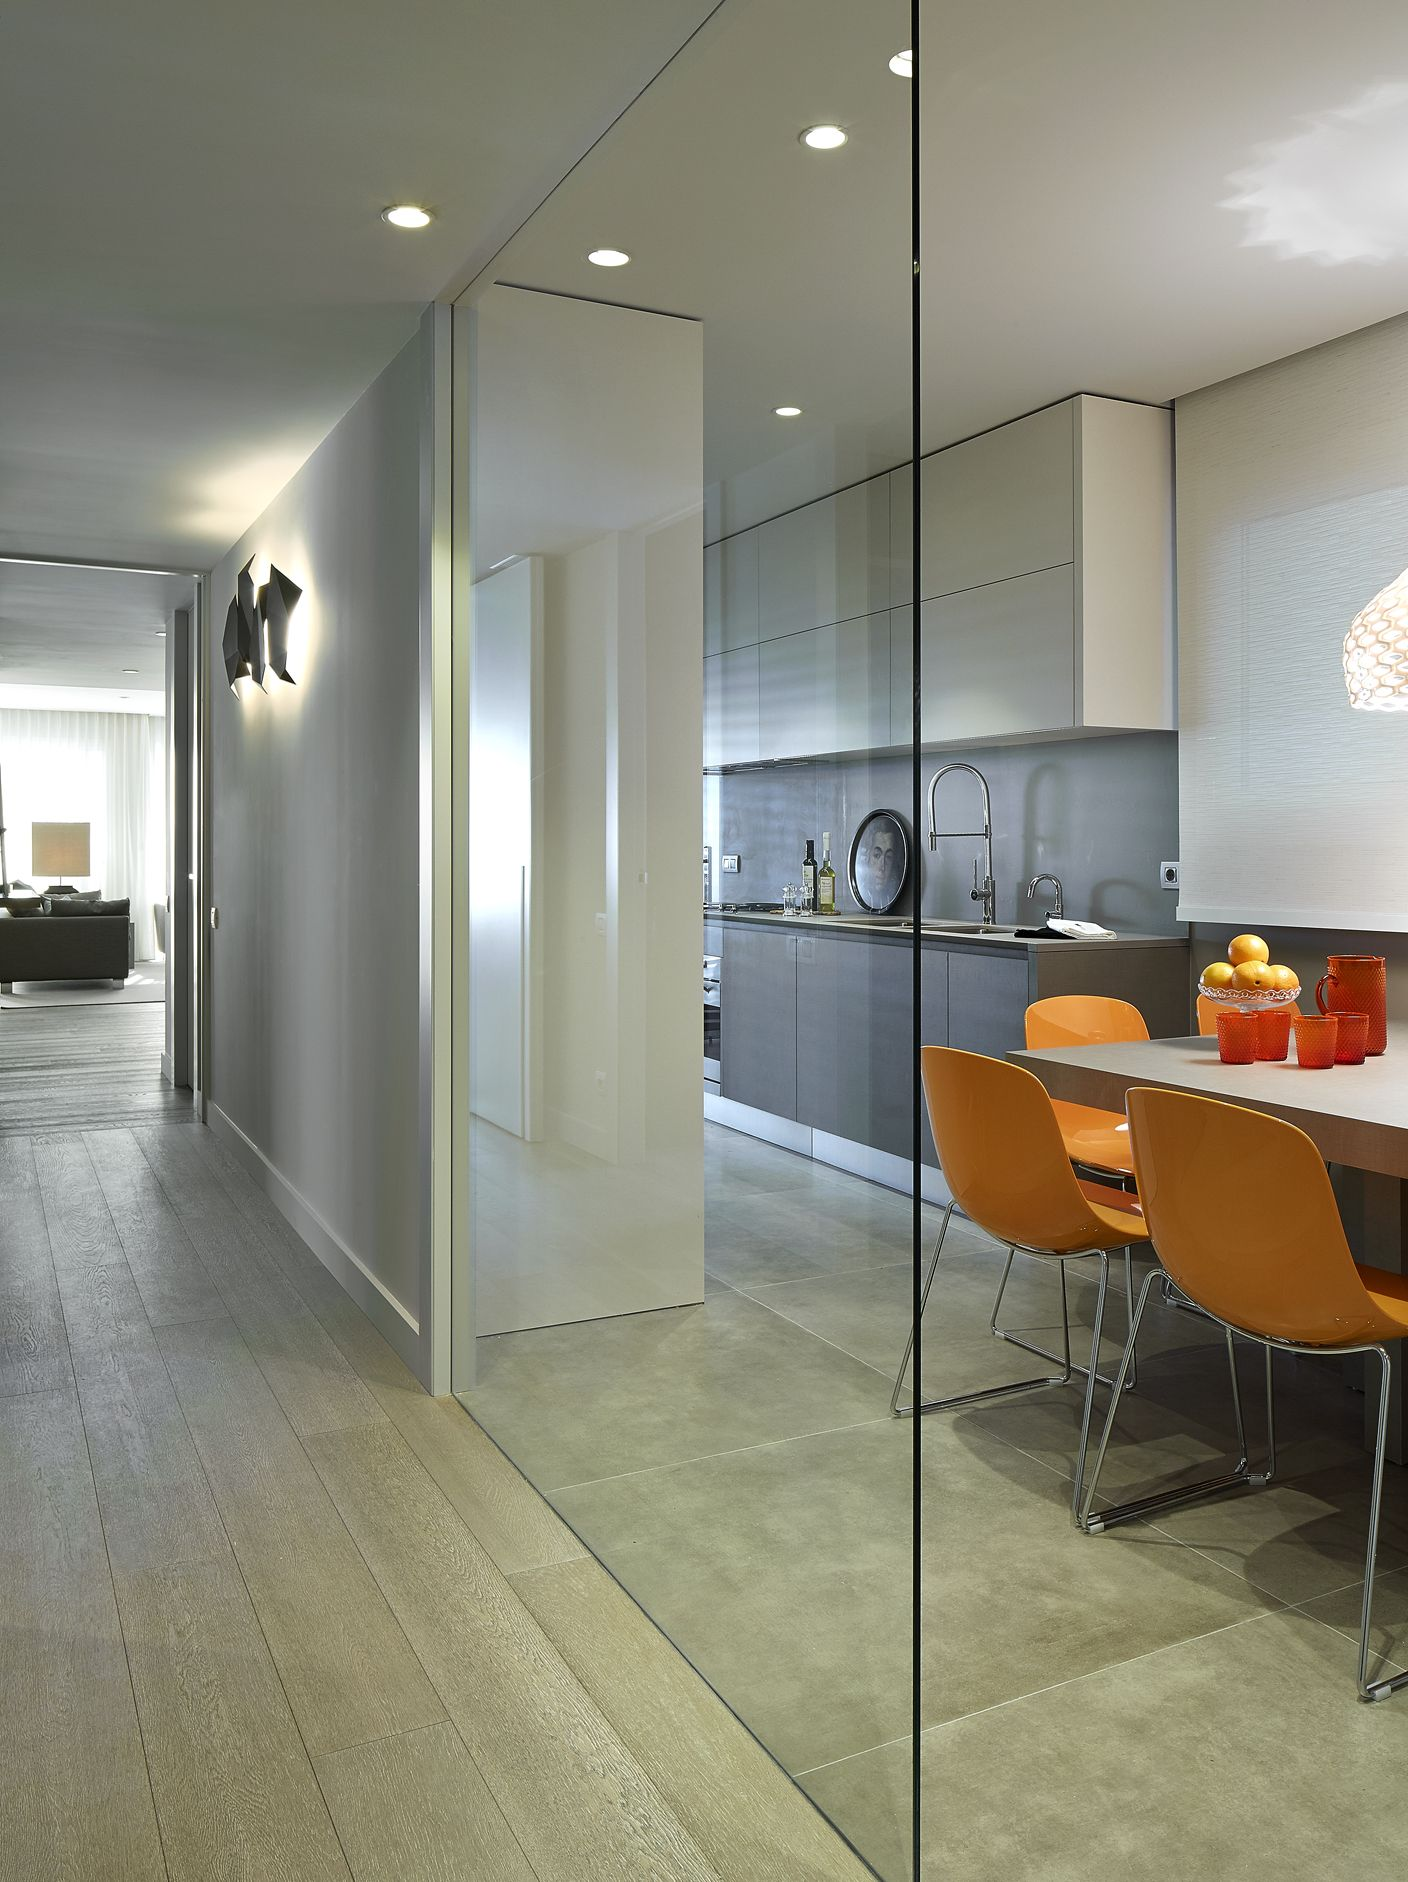 Molinsdesign arquitectura interior dise o de for Cocina definicion arquitectura